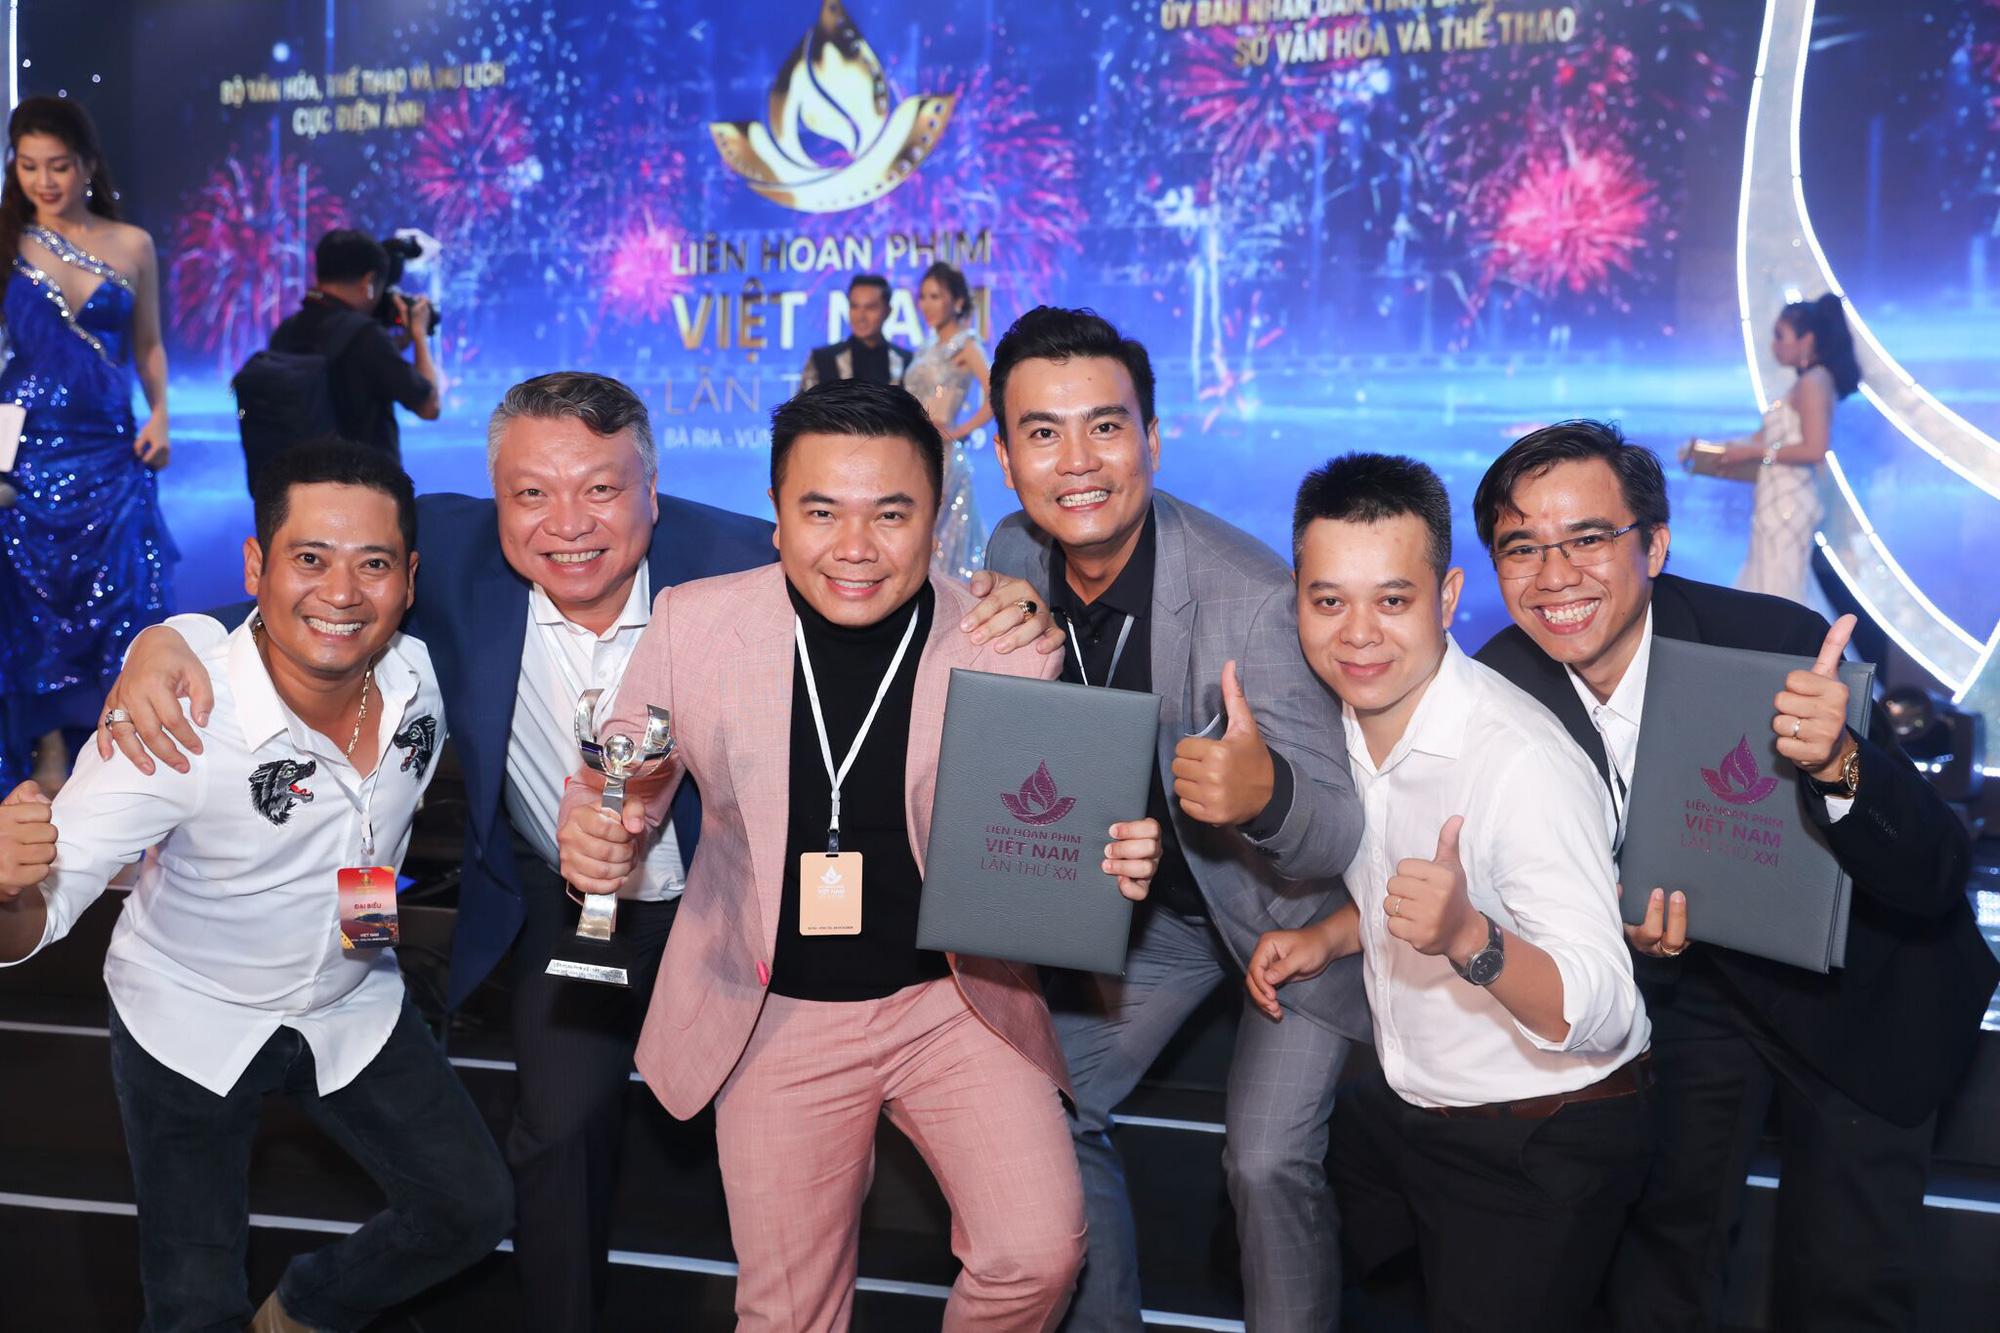 Đạo diễn Nhất Trung thắng giải Biên kịch xuất sắc nhất tại Liên hoan phim Việt Nam 2019 - Ảnh 4.